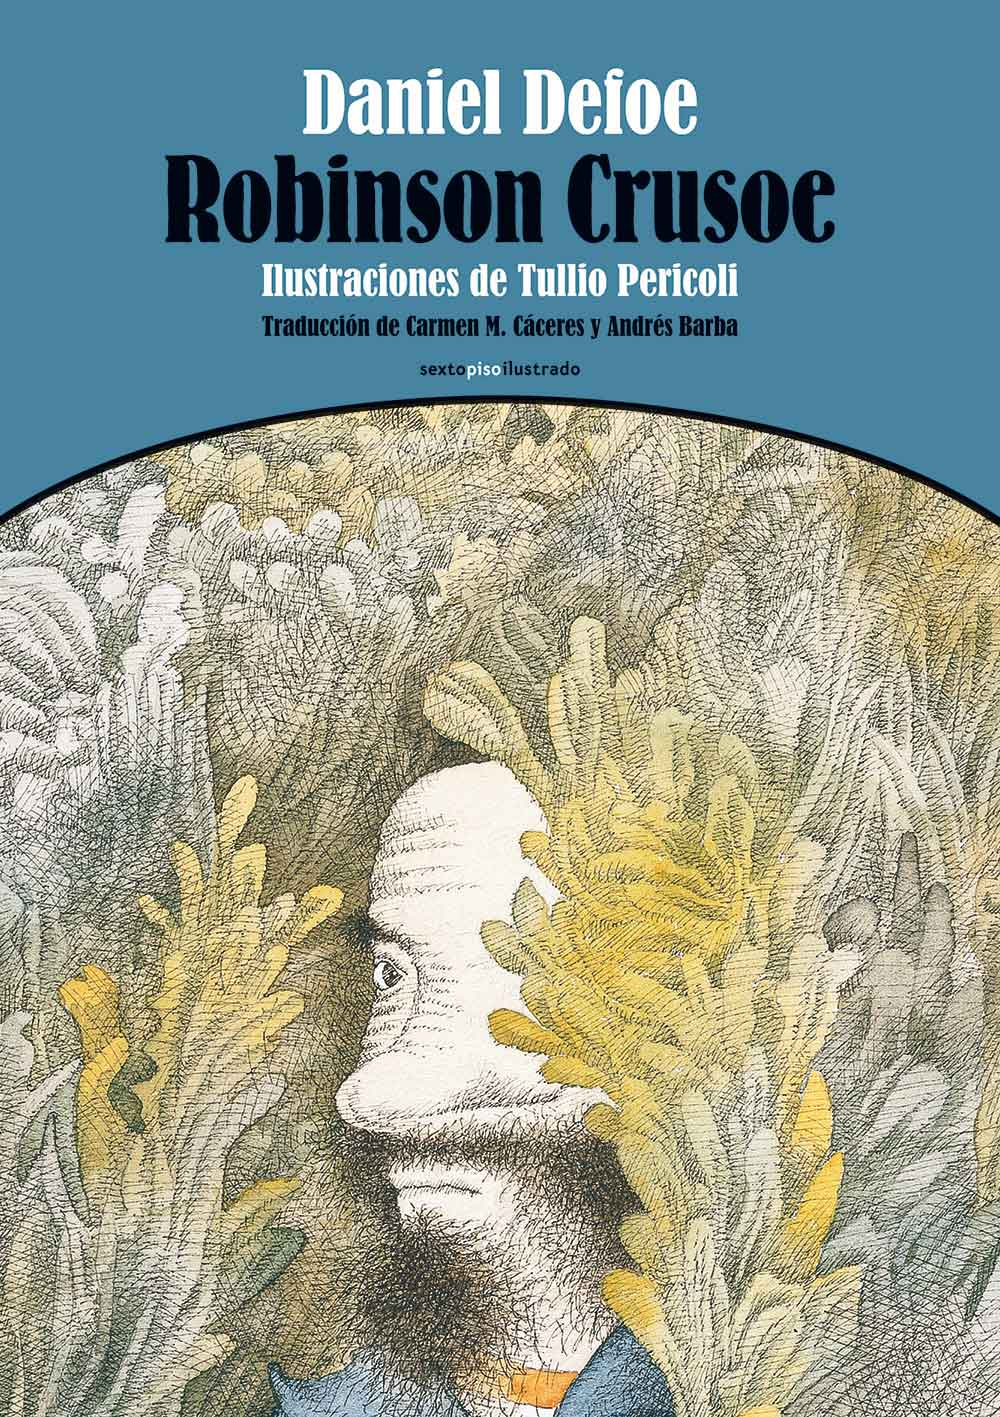 Robinson Crusoe, Daniel Defoe, Tullio Pericoli, ilustrador. Traducción: Carmen M. Cáceres y Andrés Barba. Editorial Sexto Piso España, 2014.